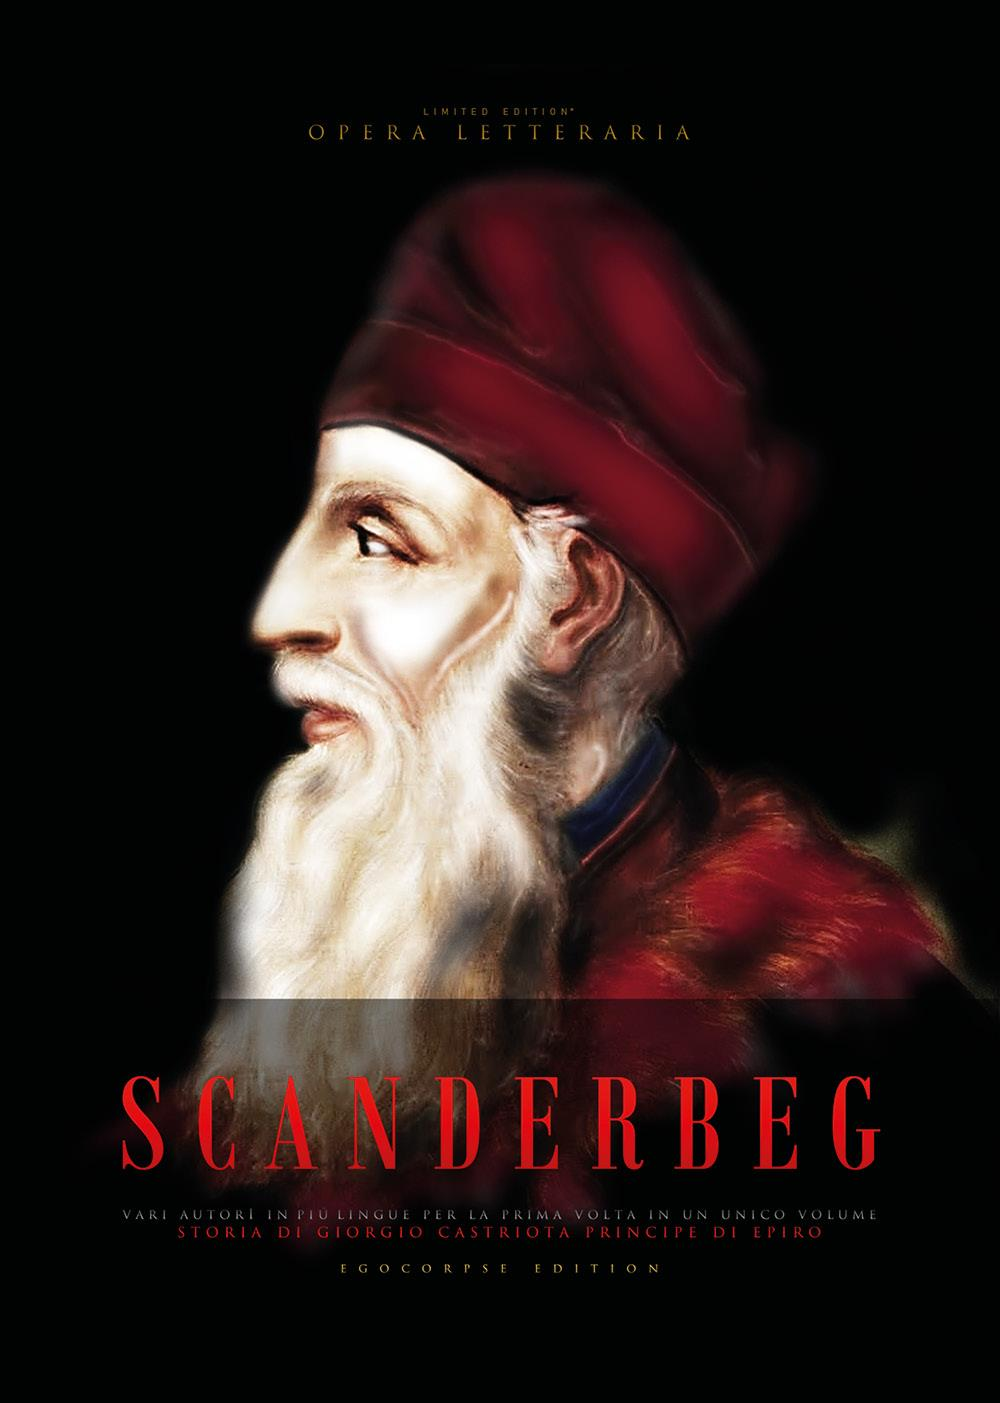 Giorgio Castriotto Scanderbeg - Opera Letteraria.